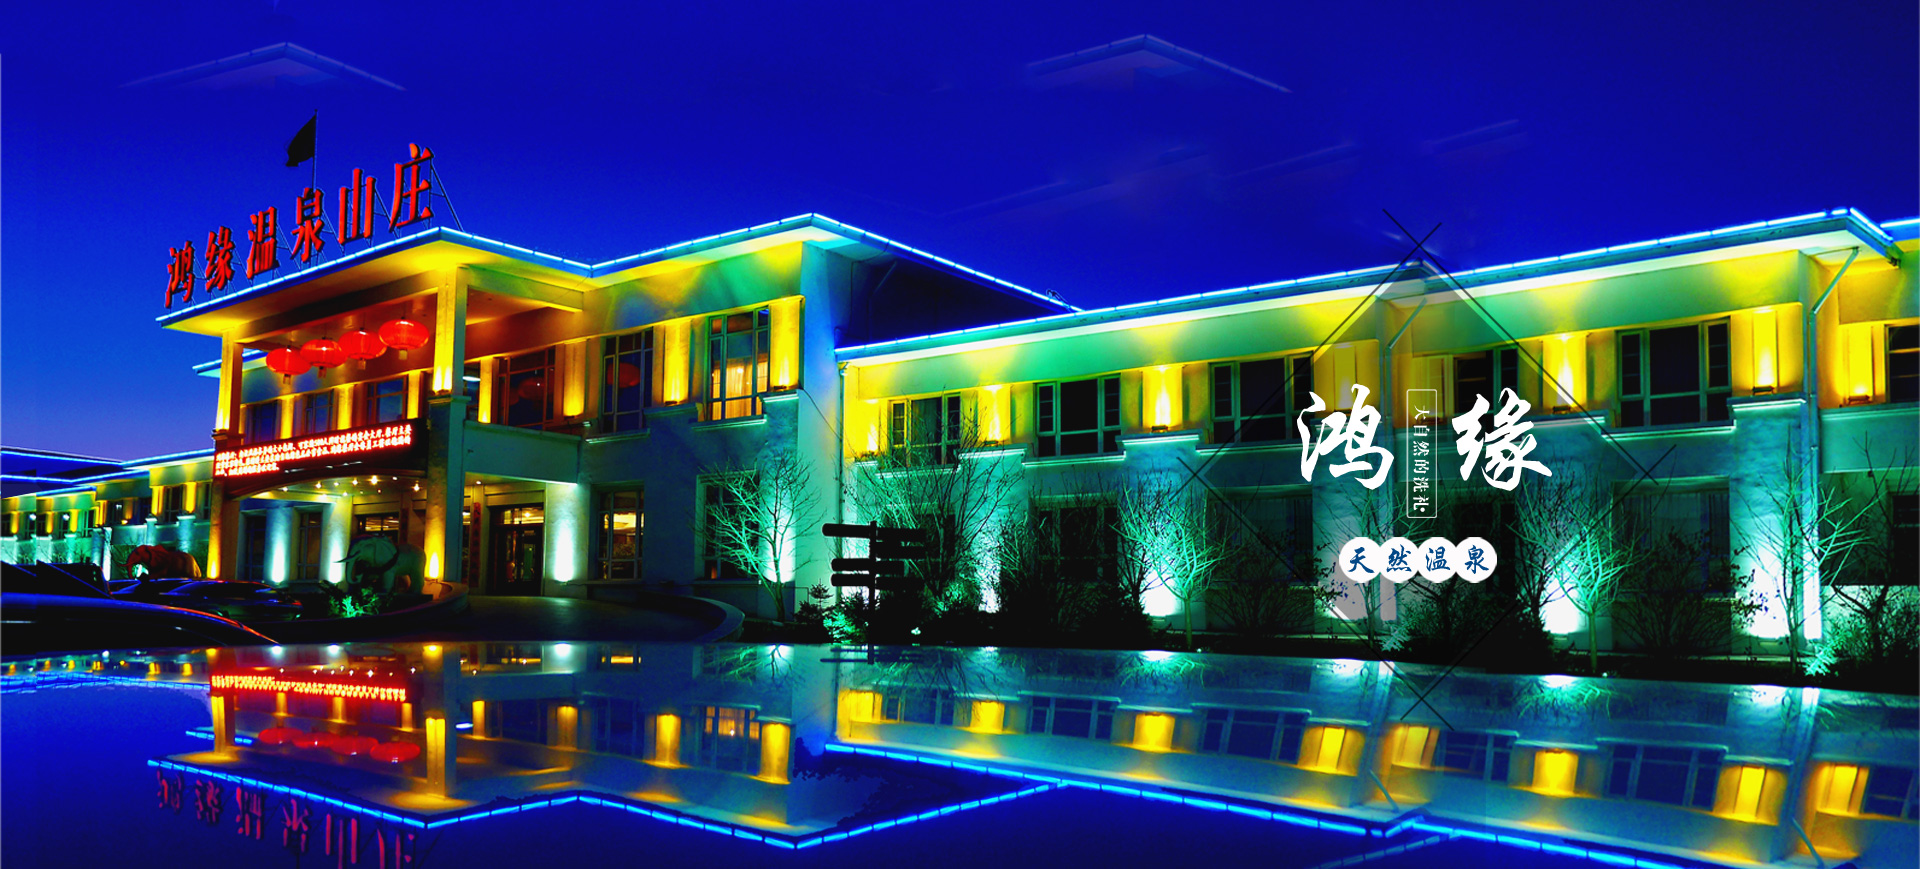 大连温泉酒店